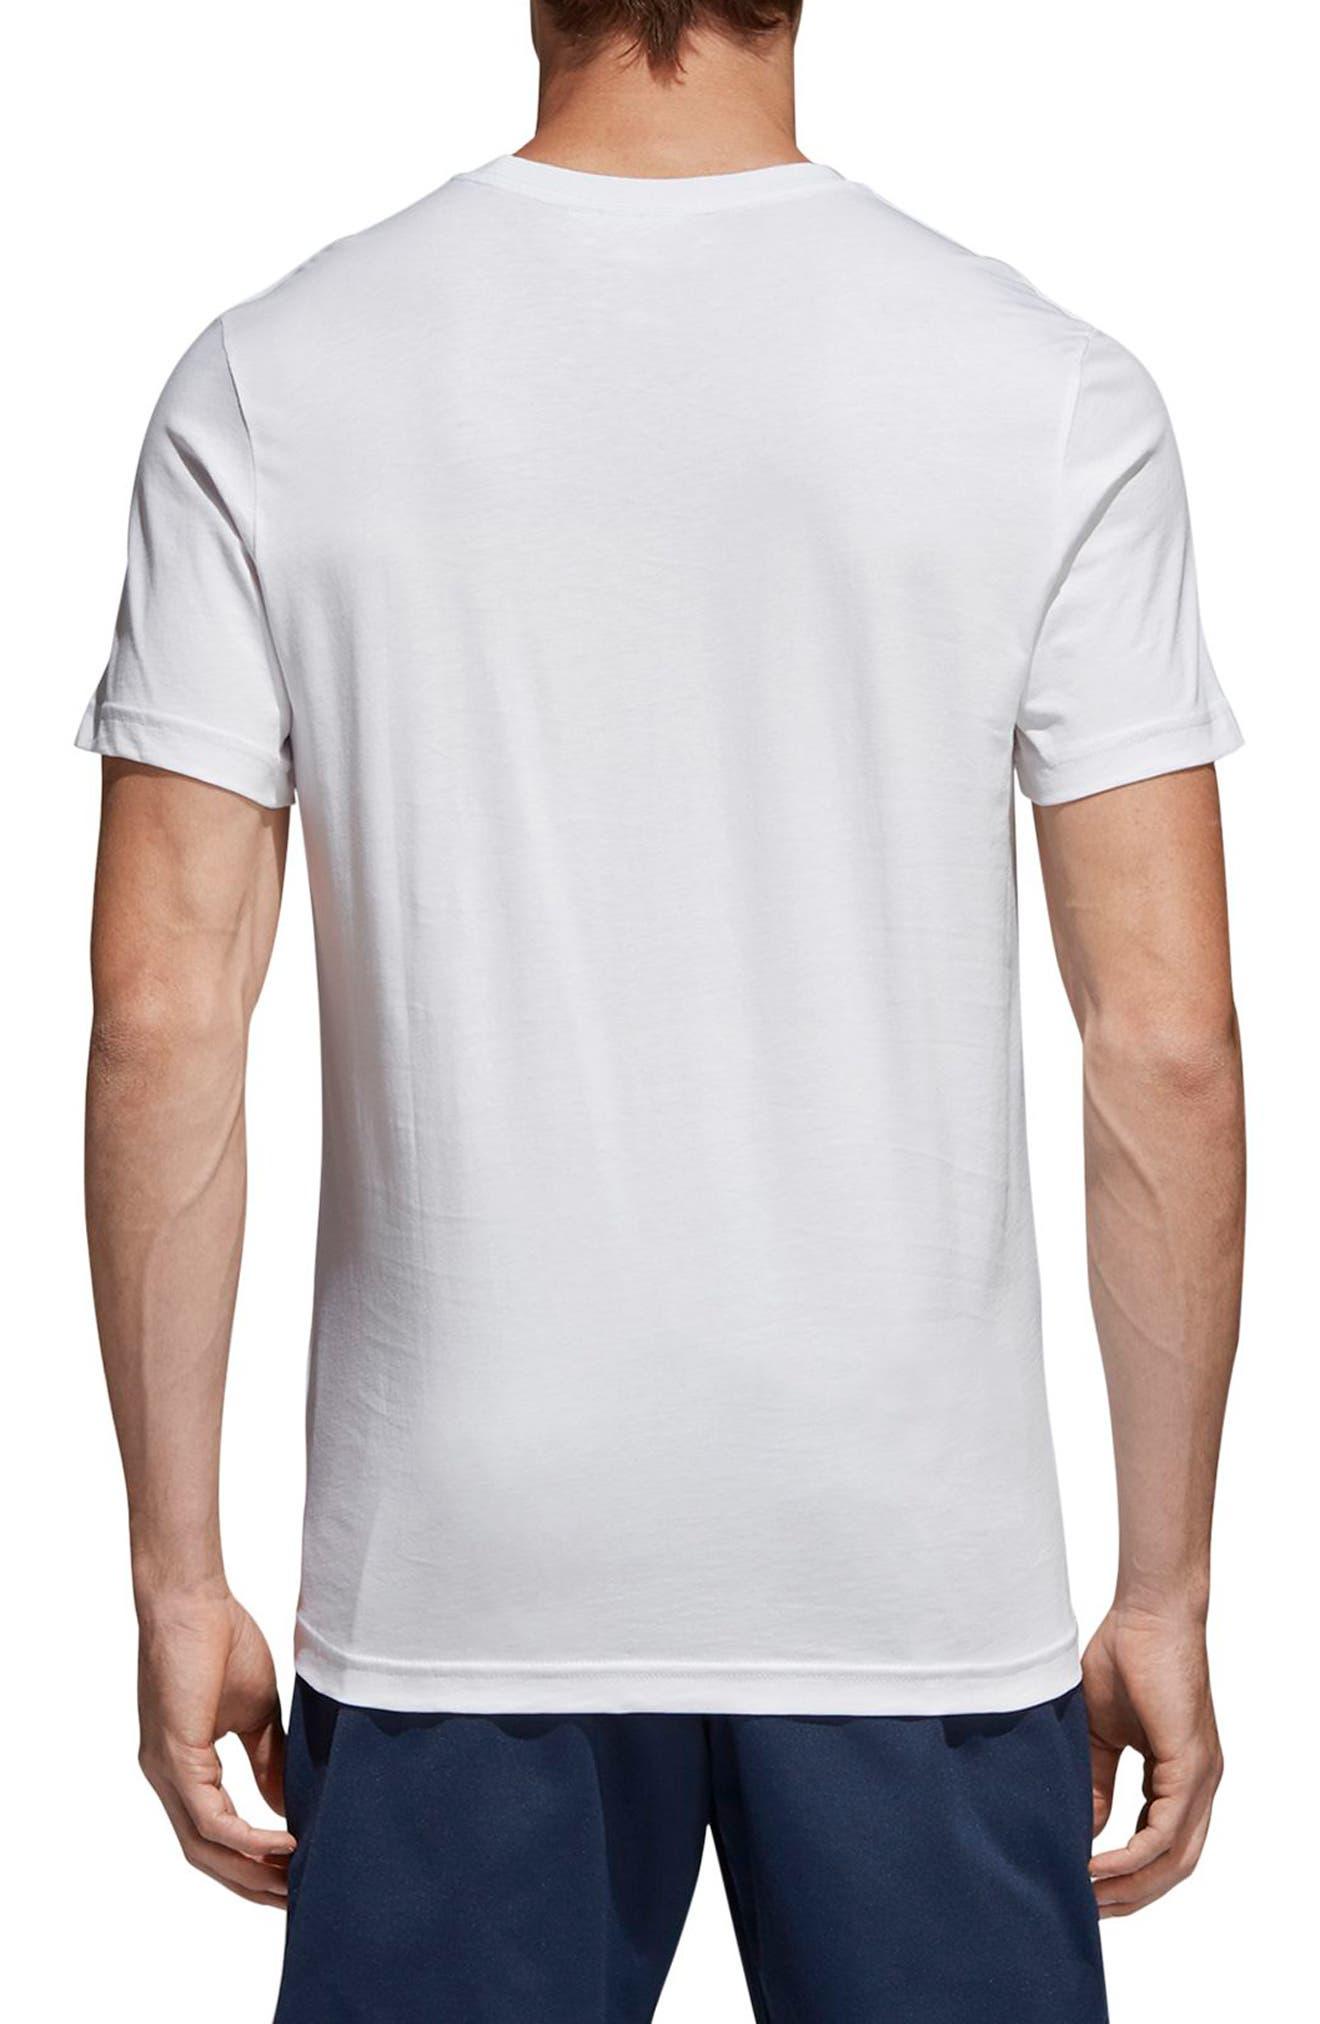 Tongue Label T-Shirt,                             Alternate thumbnail 2, color,                             White